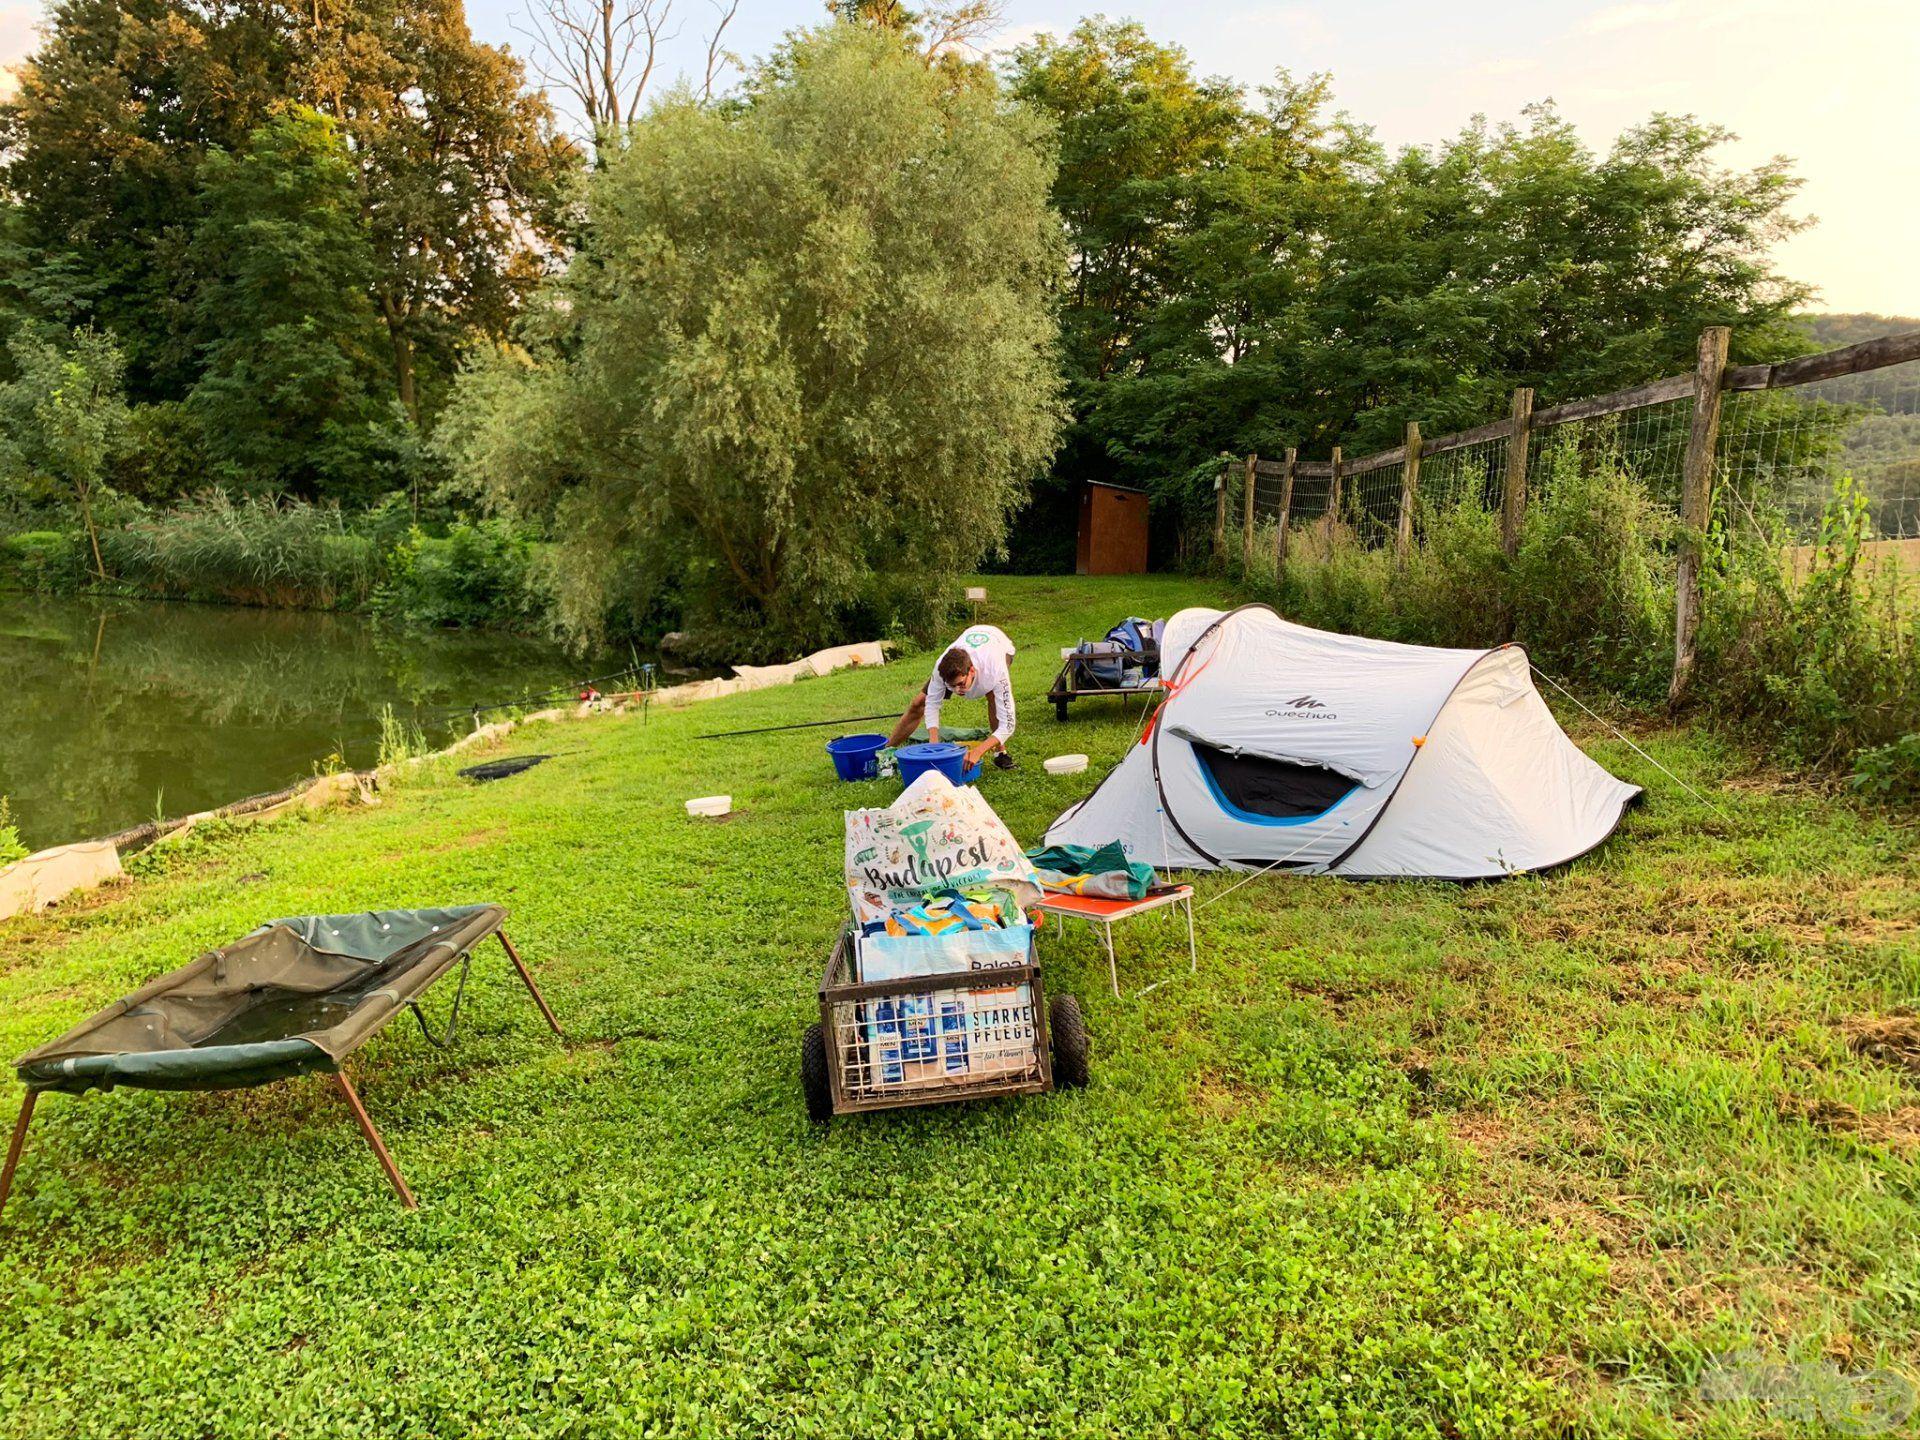 Alakul a táborhely